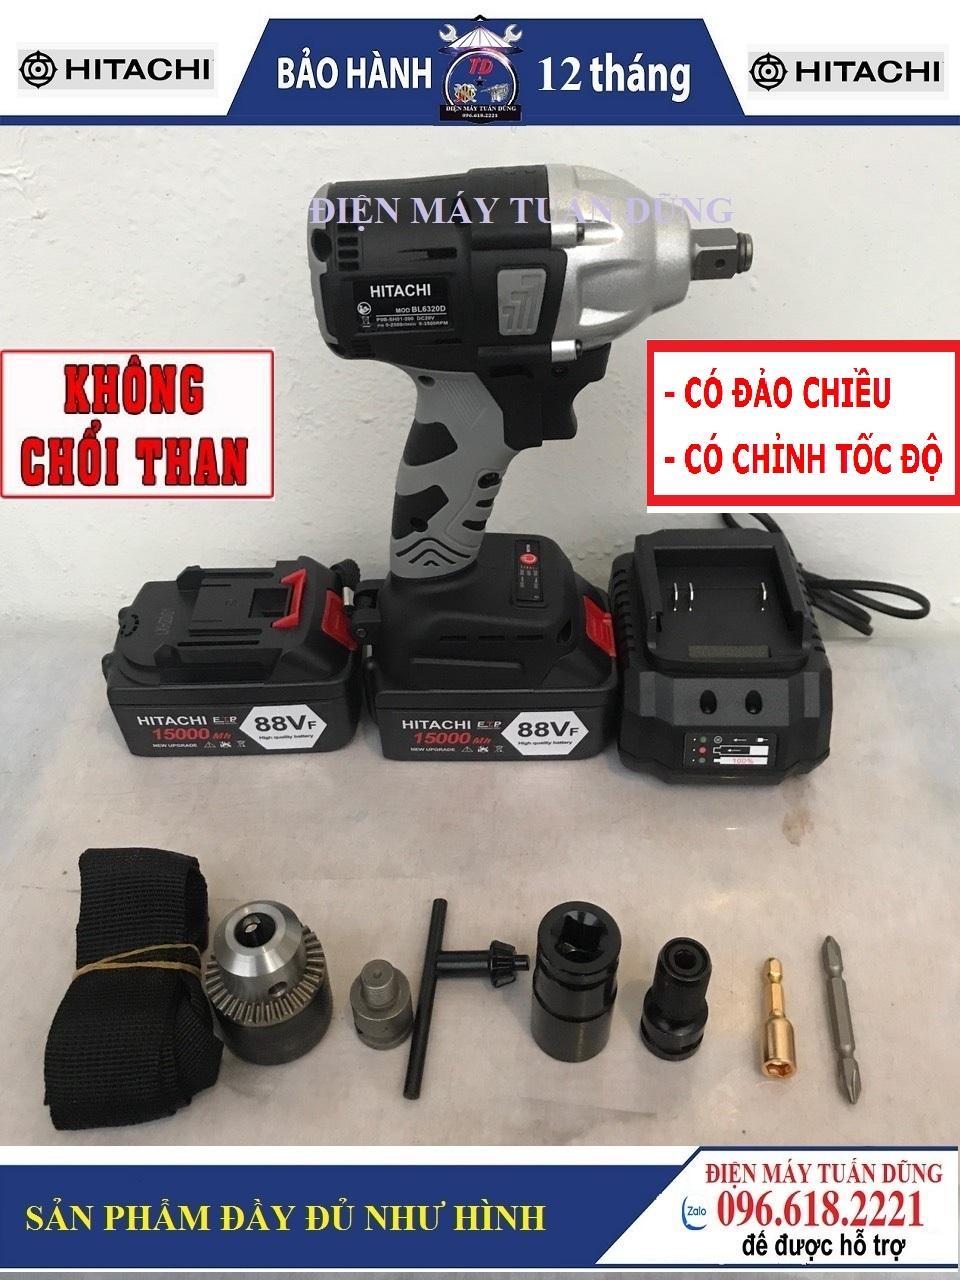 Siết bulong Hitachi 88V không chổi than 2 TRONG 1 - Máy siết bulong 2 Pin - Máy bắt vít - Tặng bộ đầu chuyển đổi thành 4 chức năng